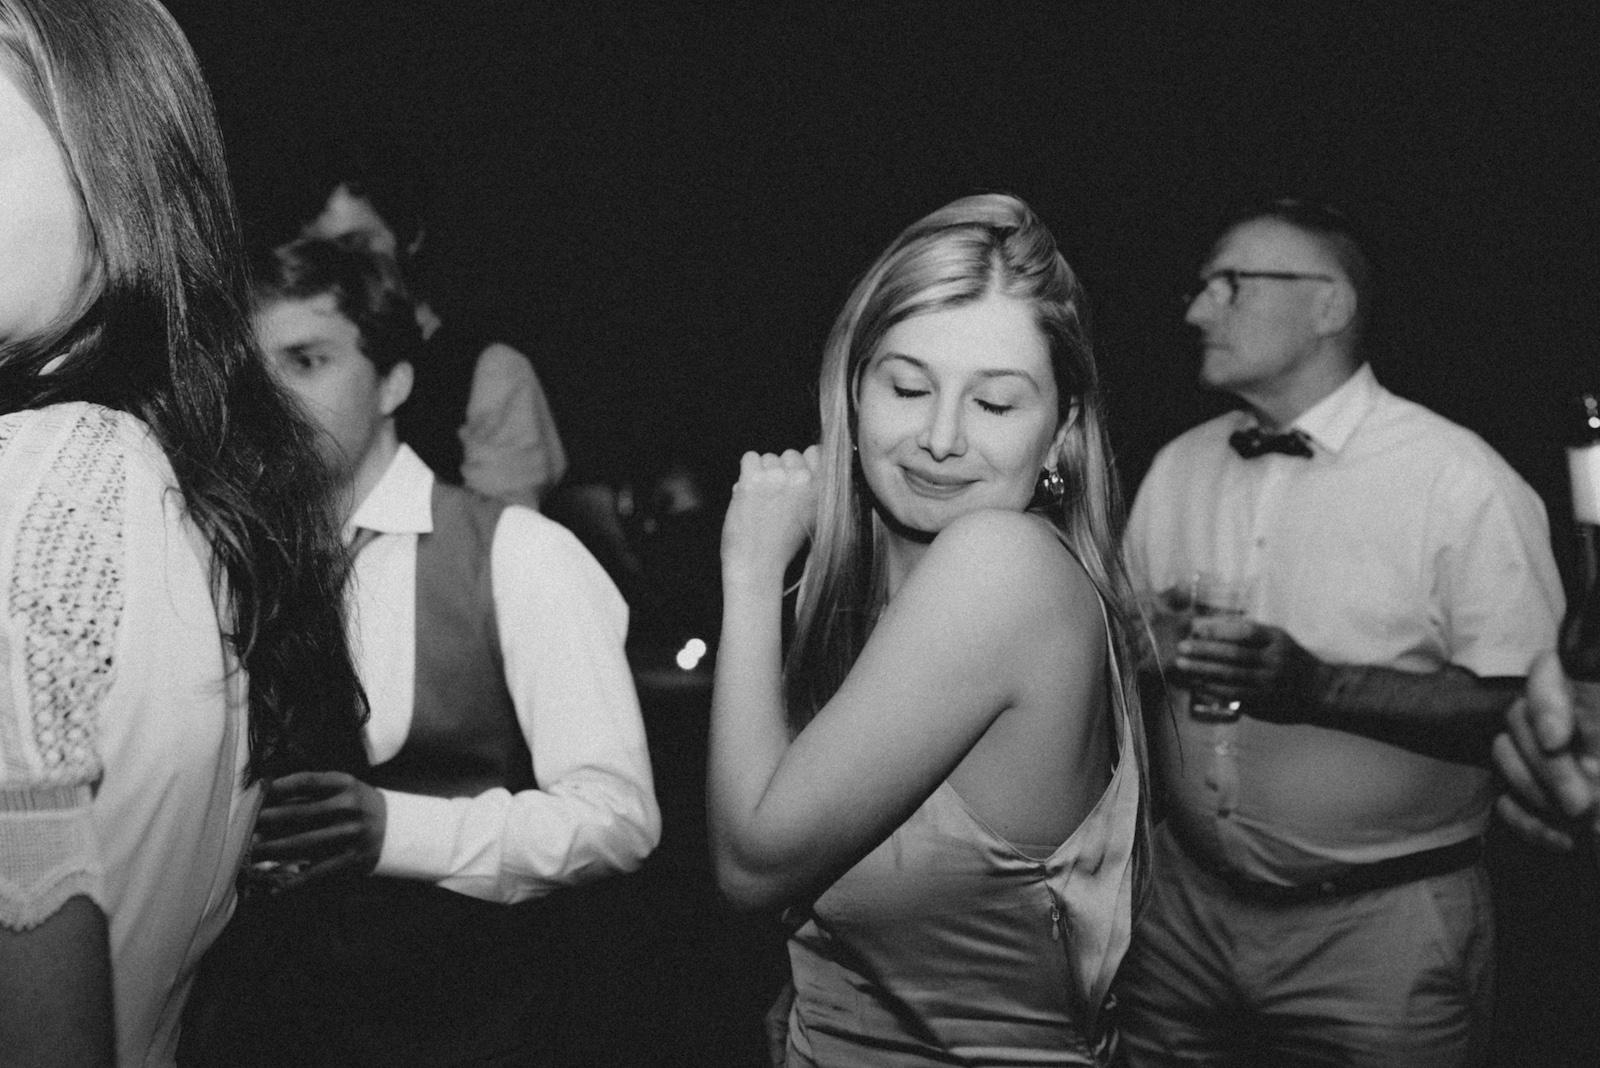 Hochzeitsparty, Gut-Bliestorf